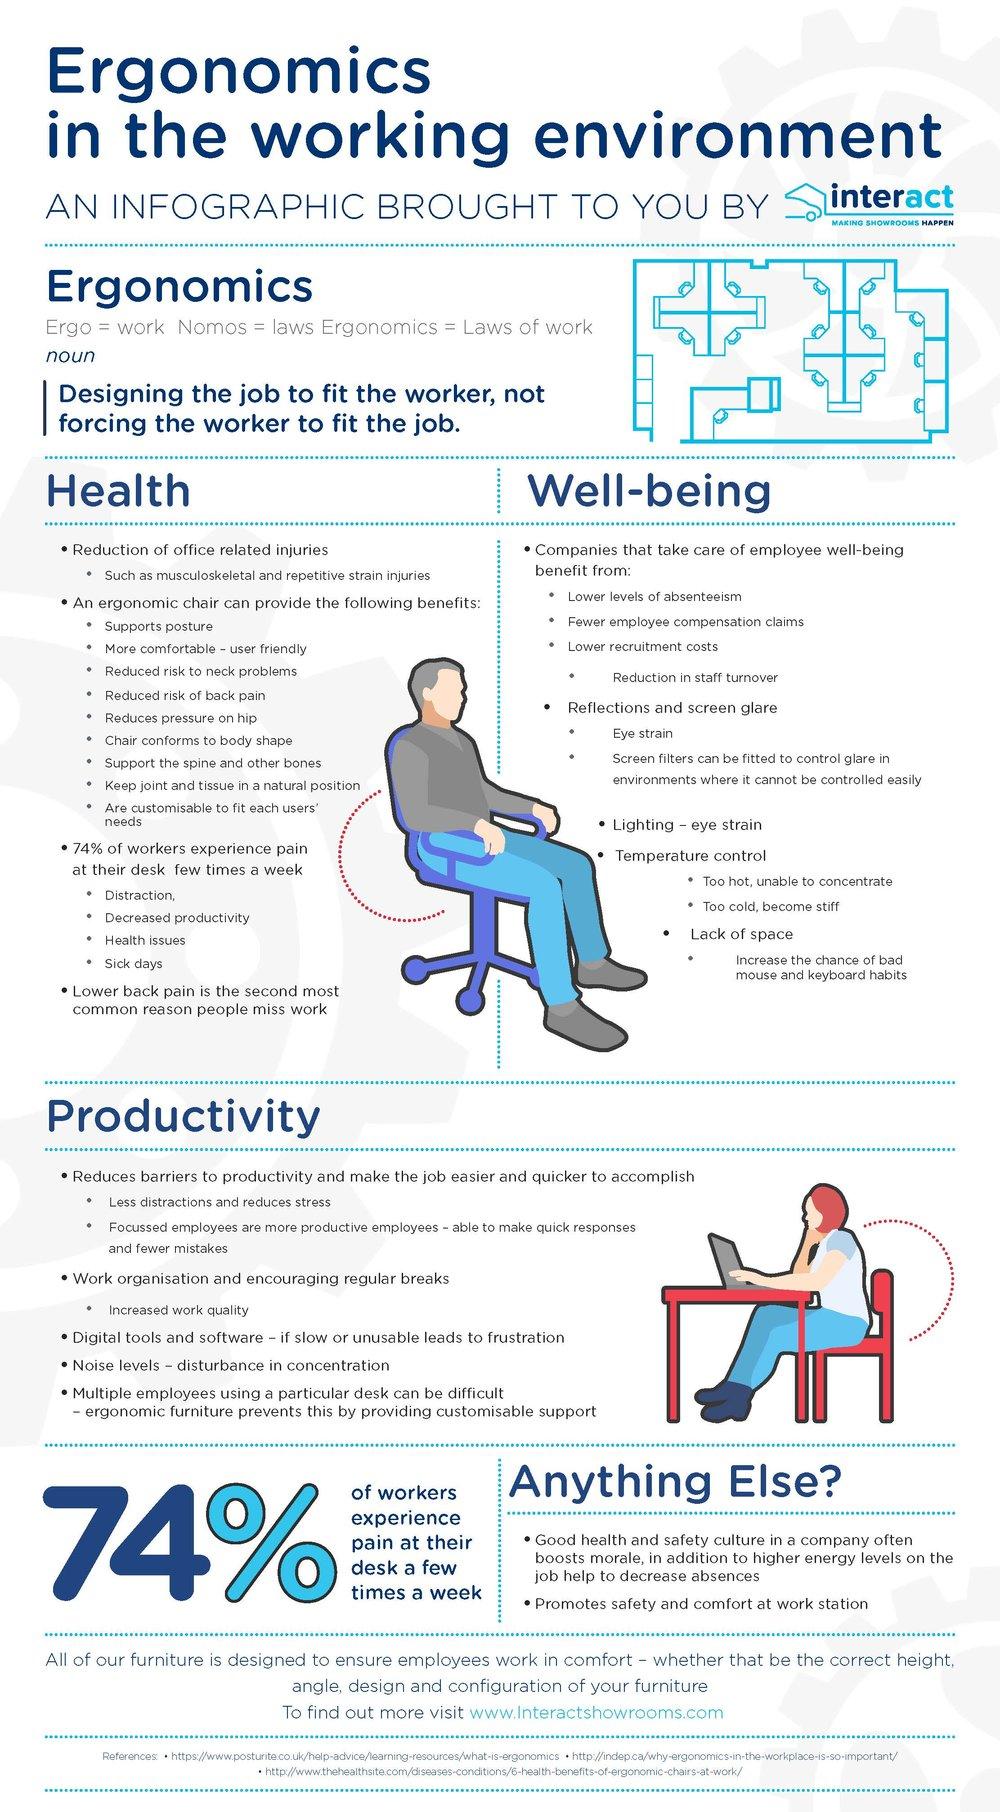 Ergonomics in the working environment.jpg